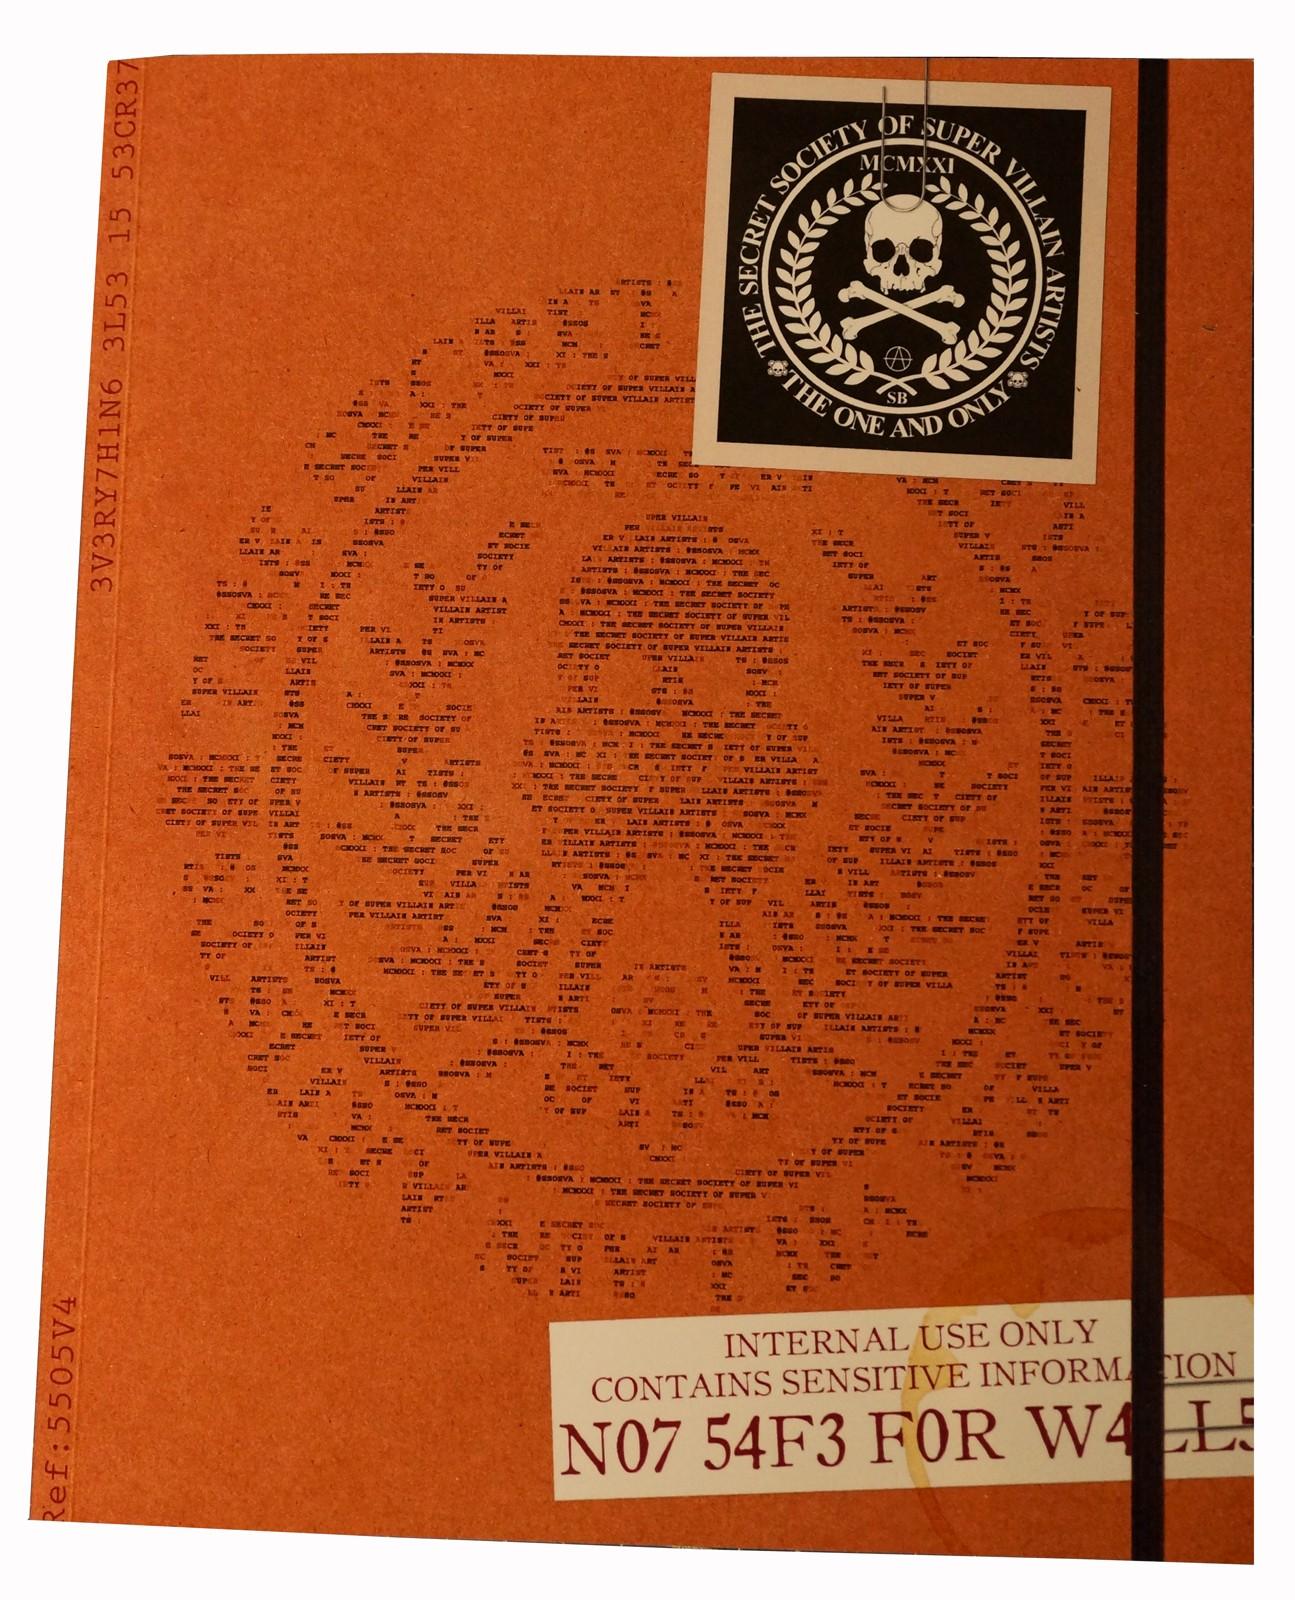 SSOSVA BOOK - NOT SAFE FOR WALLS